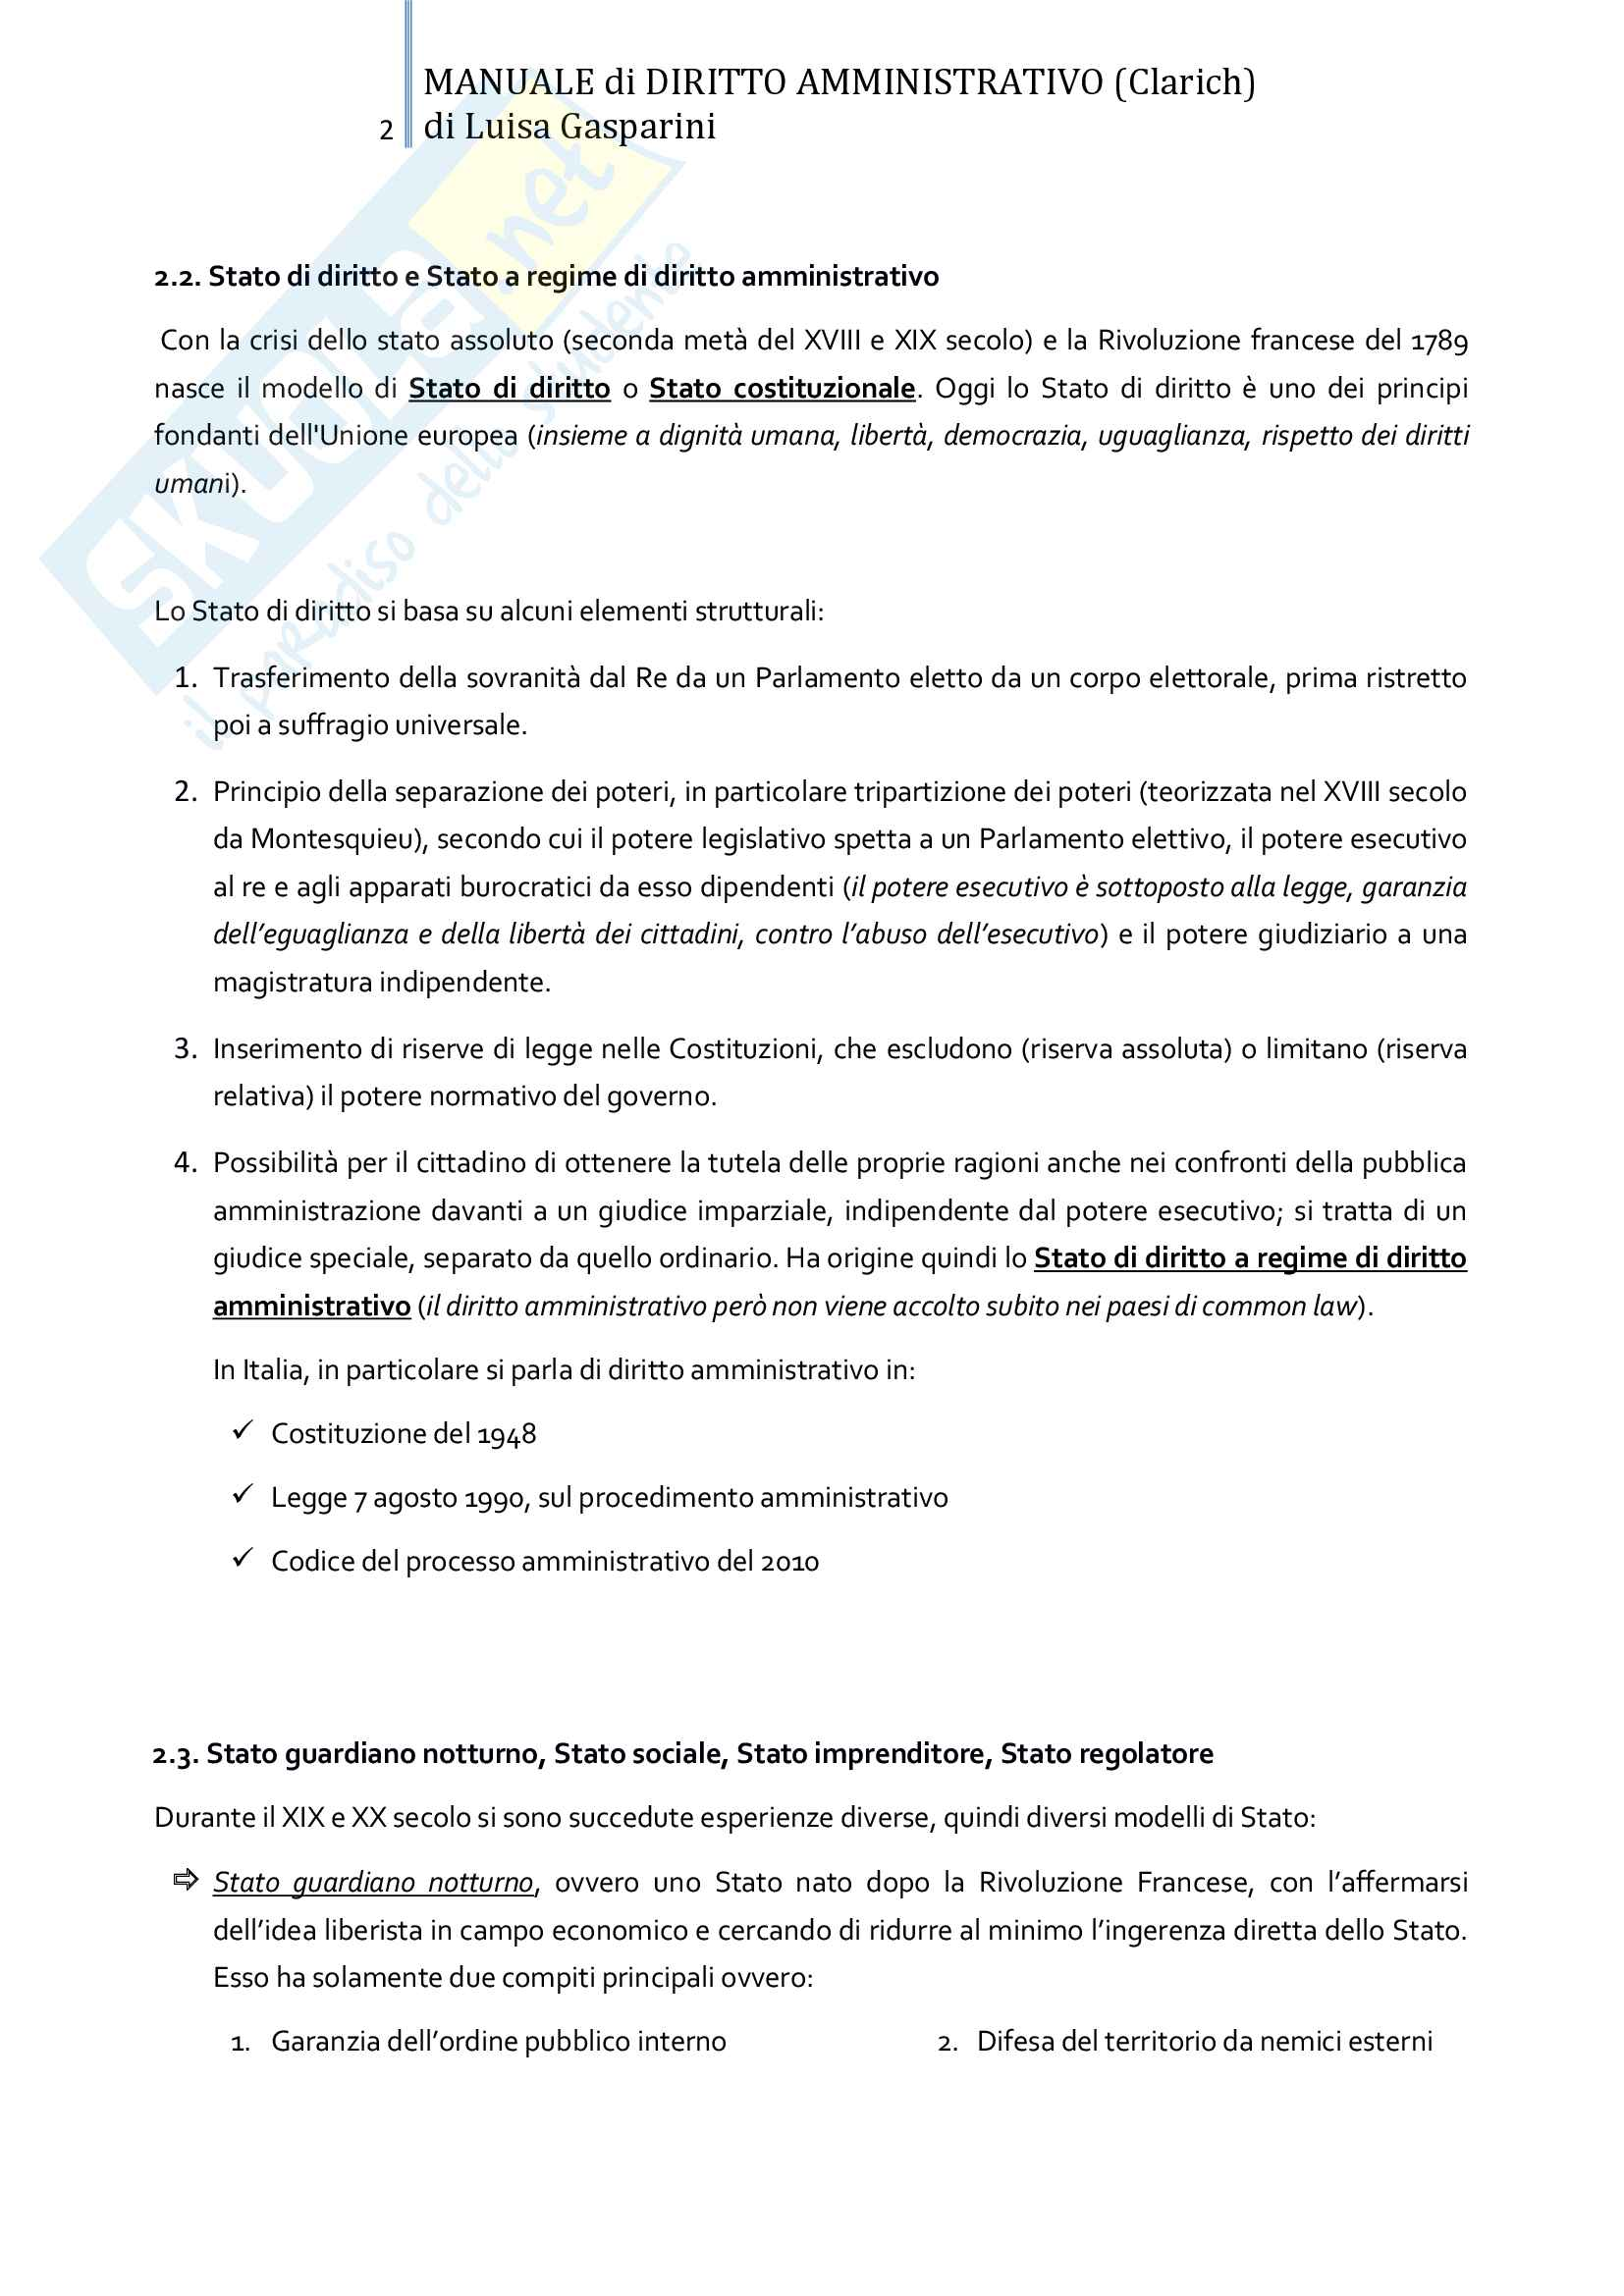 Riassunto esame Diritto amministrativo, professor Leonardi. Testo consigliato Manuale di Diritto Amministrativo, Clarich Pag. 2